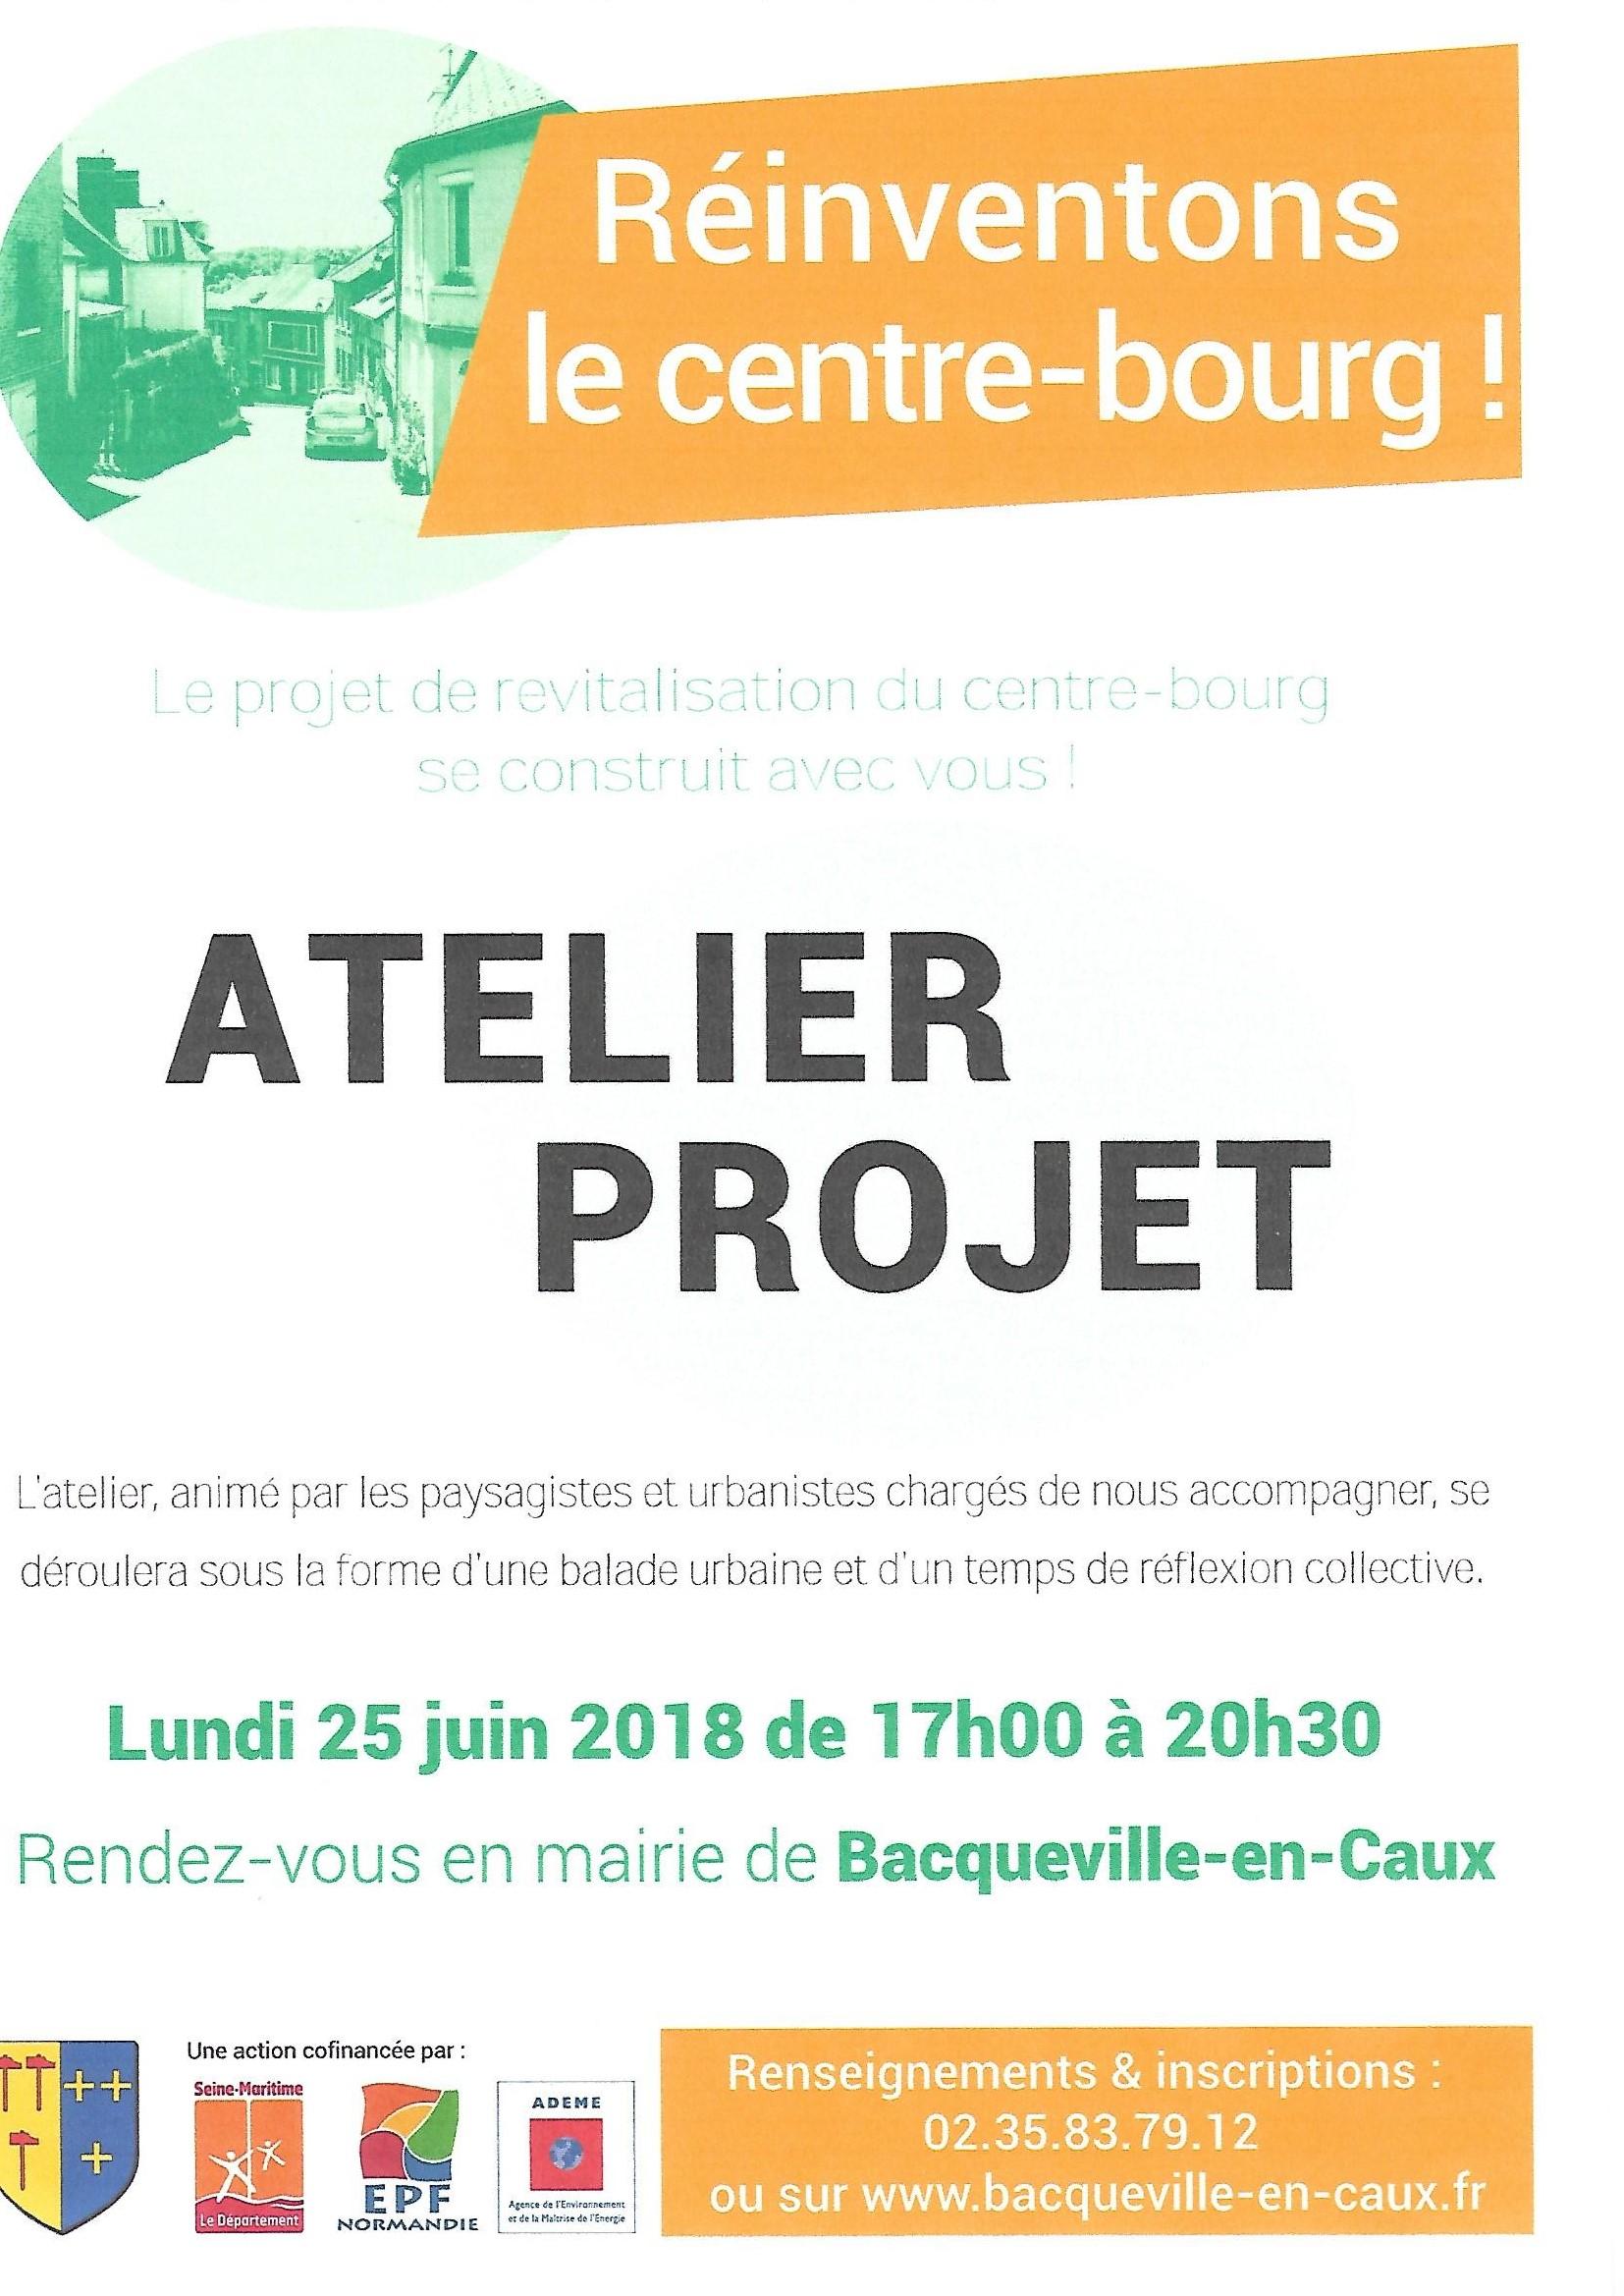 ATELIER PROJET CONCERNANT L'AMENAGEMENT DU CENTRE BOURG @ Mairie